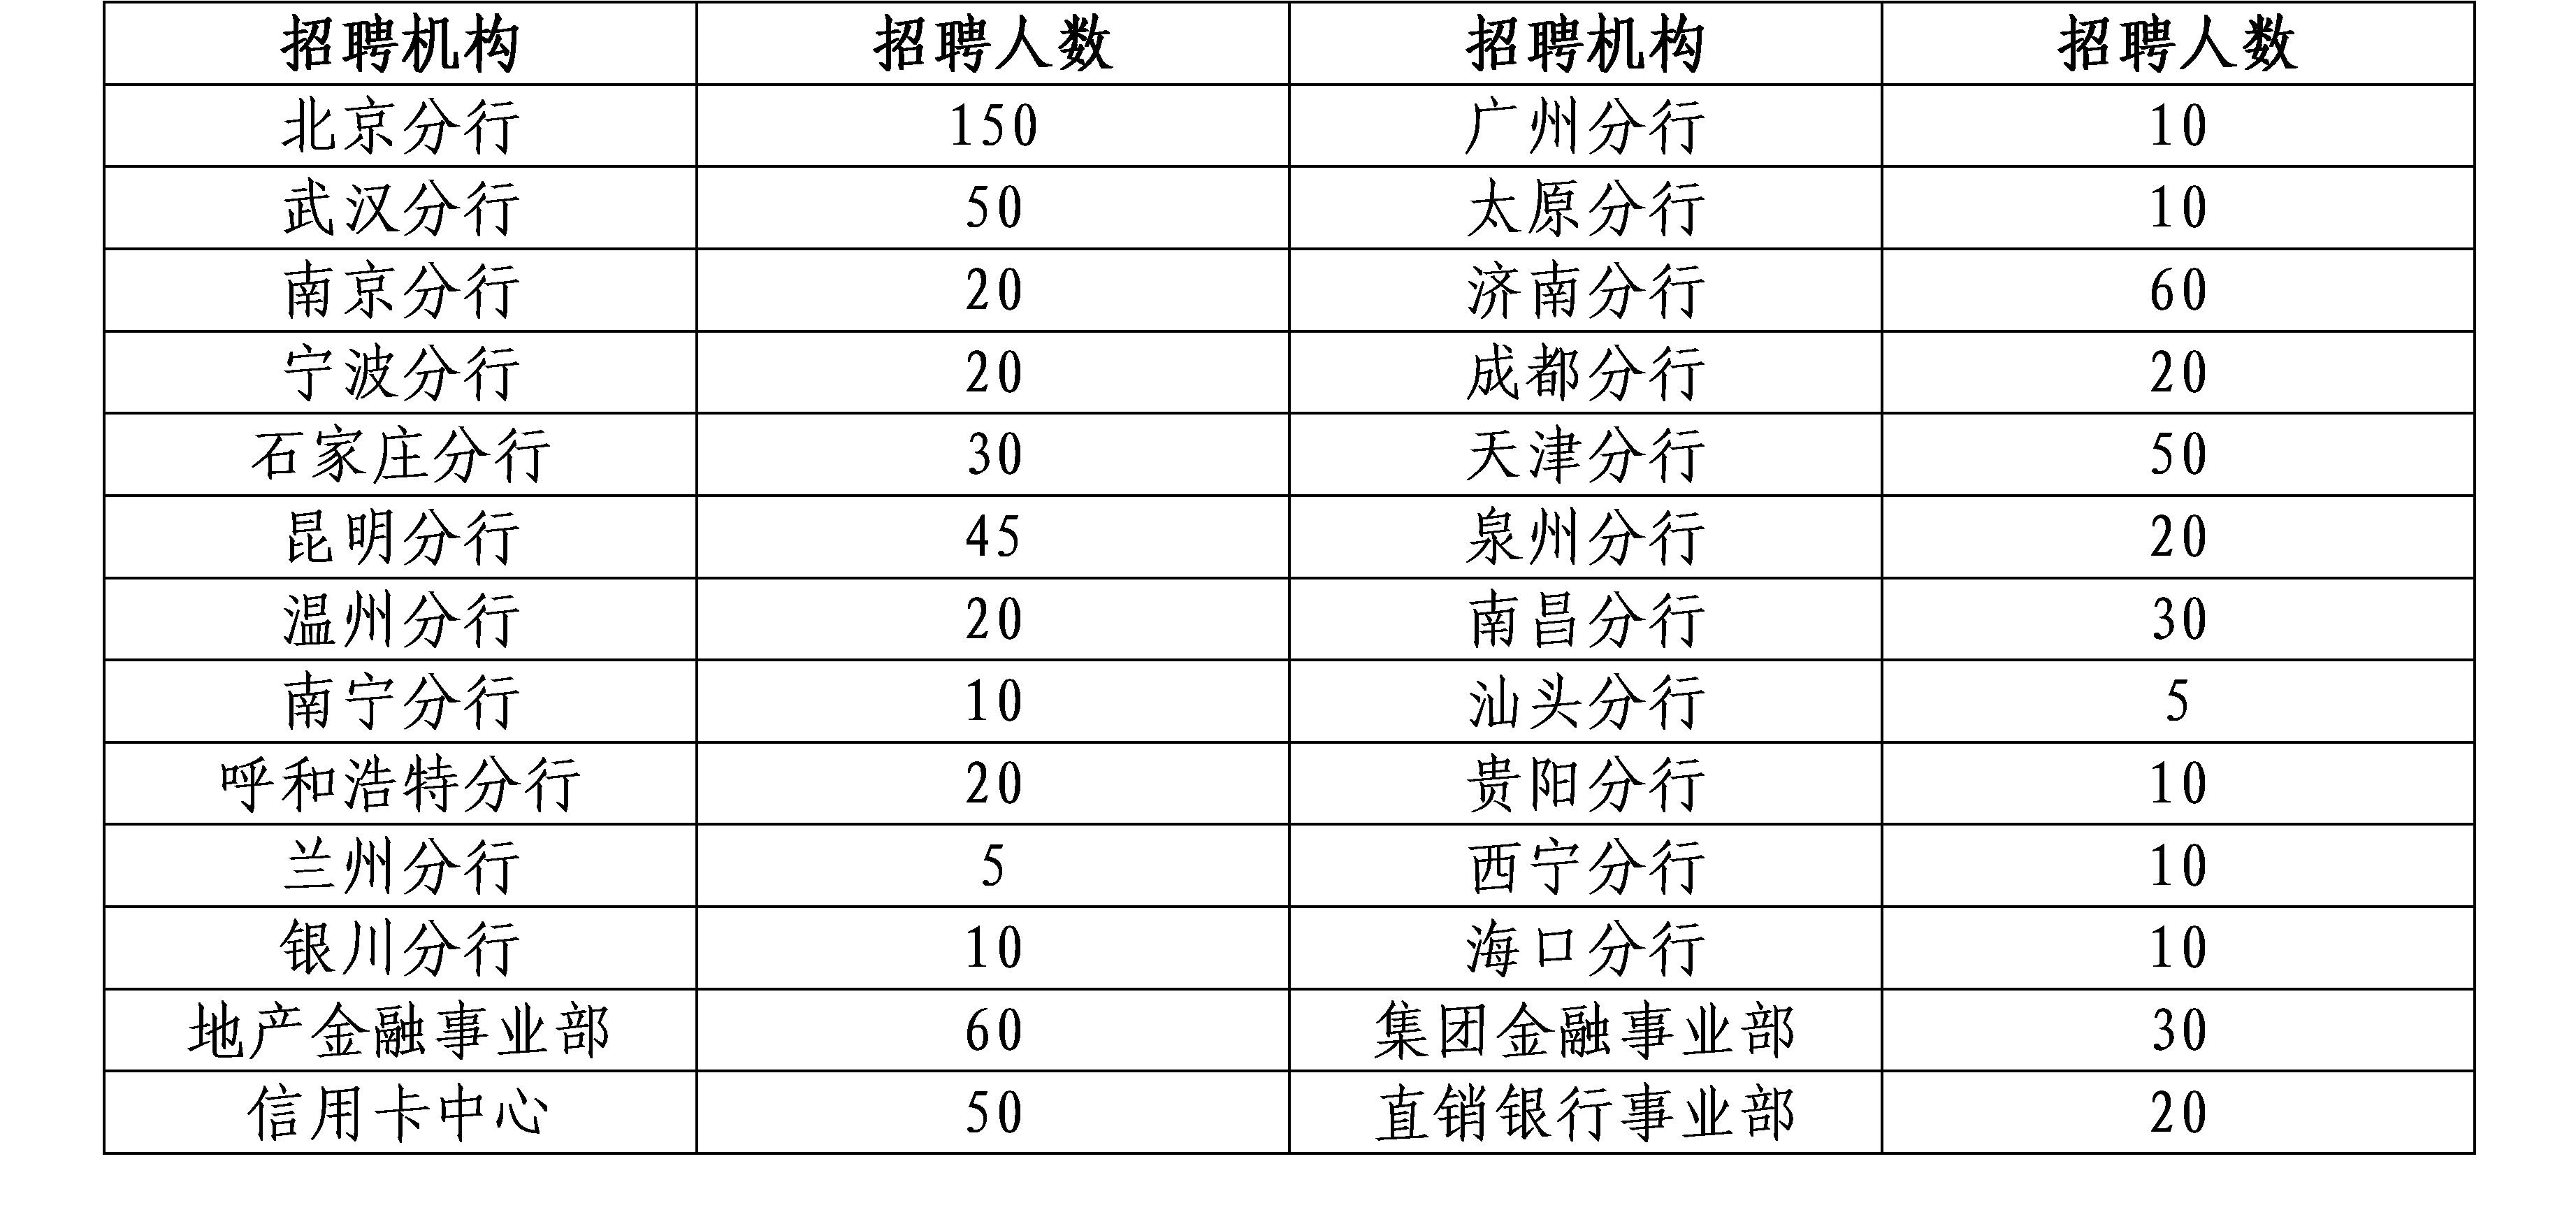 中国民生银行2020届未来银行家暑期管培生招募人数